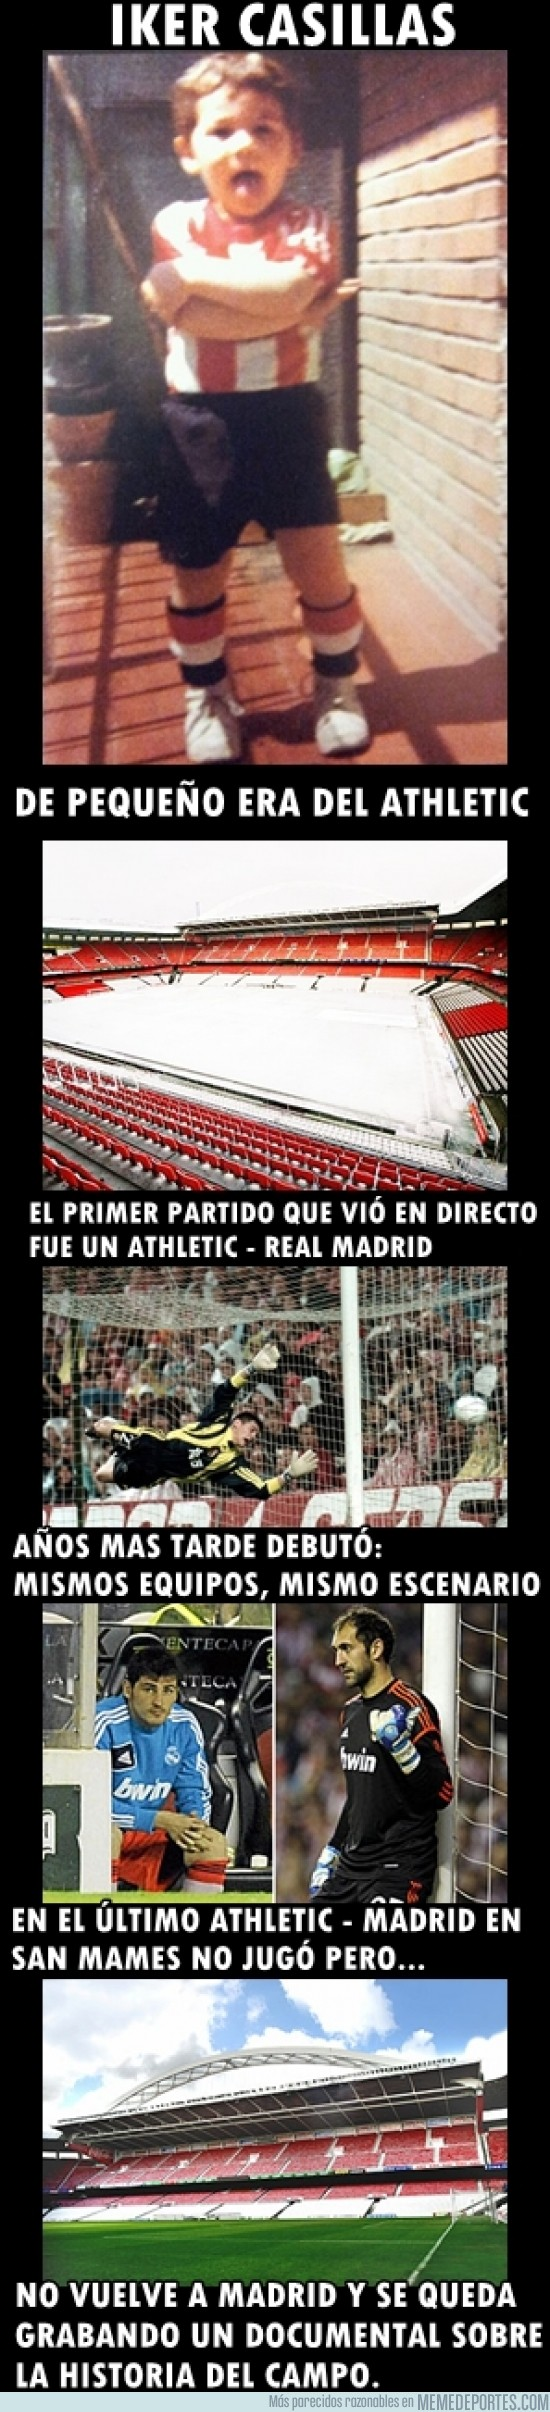 115913 - No hay duda de que Casillas es madridista, pero...